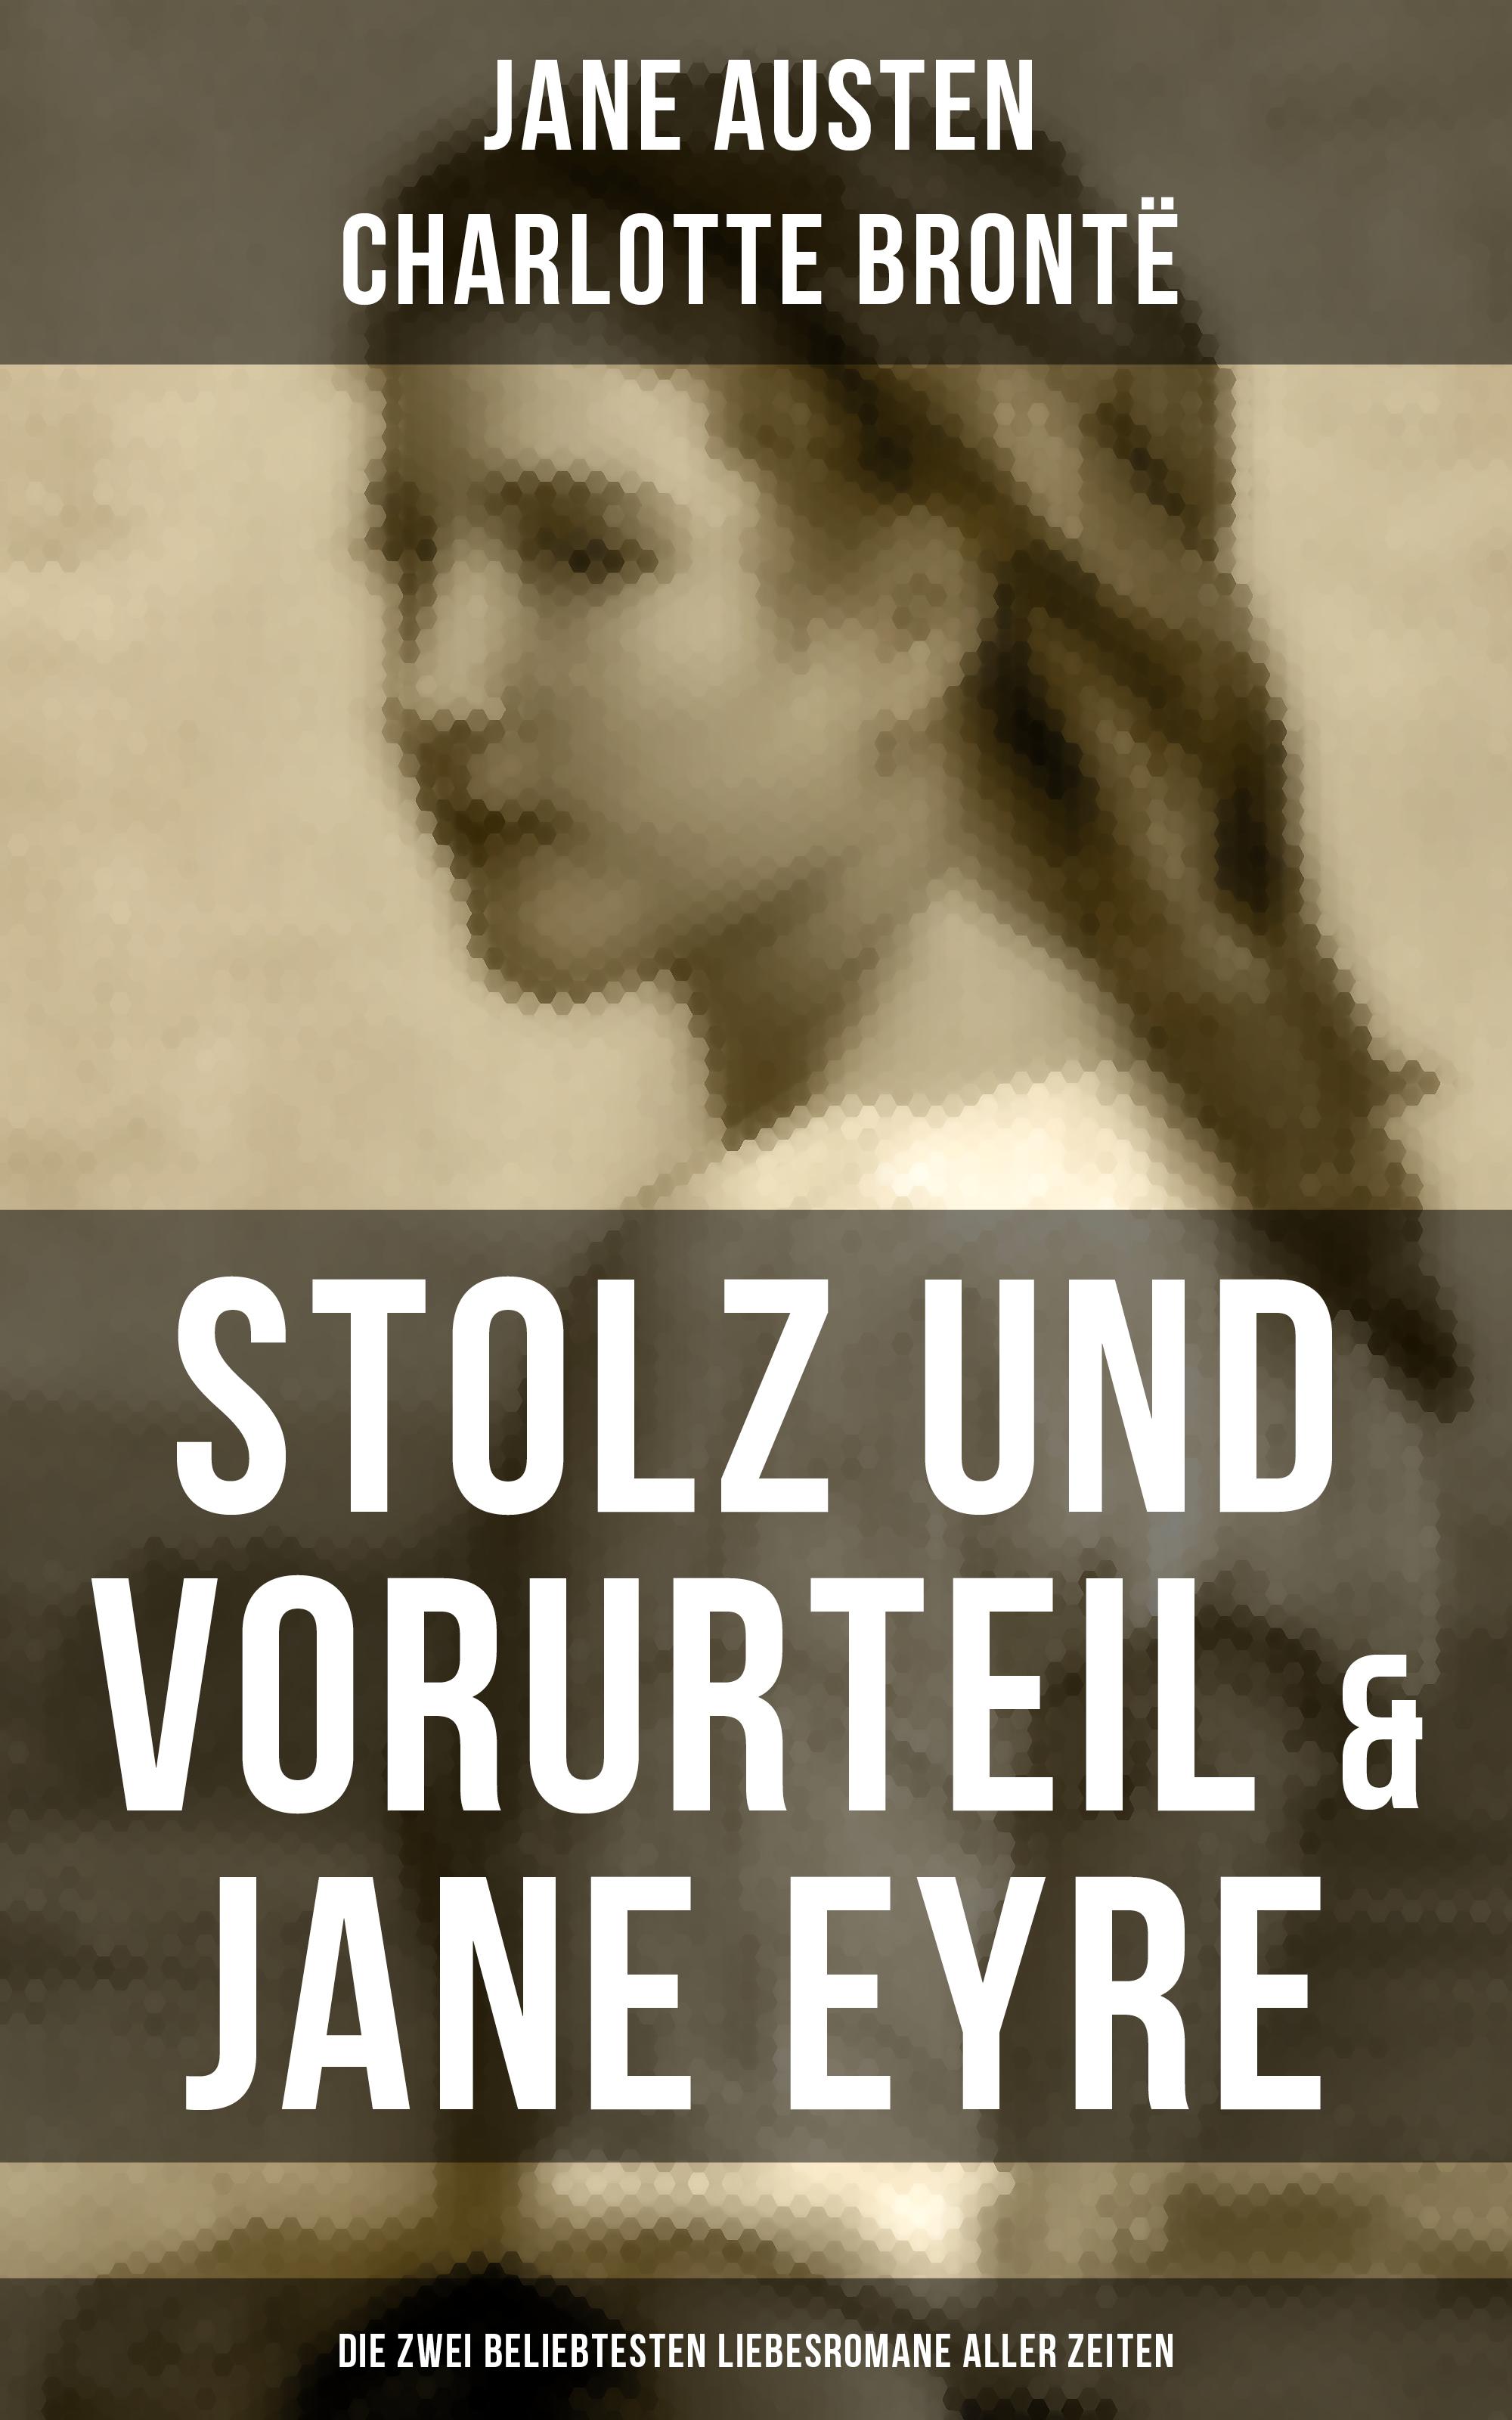 stolz und vorurteil jane eyre die zwei beliebtesten liebesromane aller zeiten